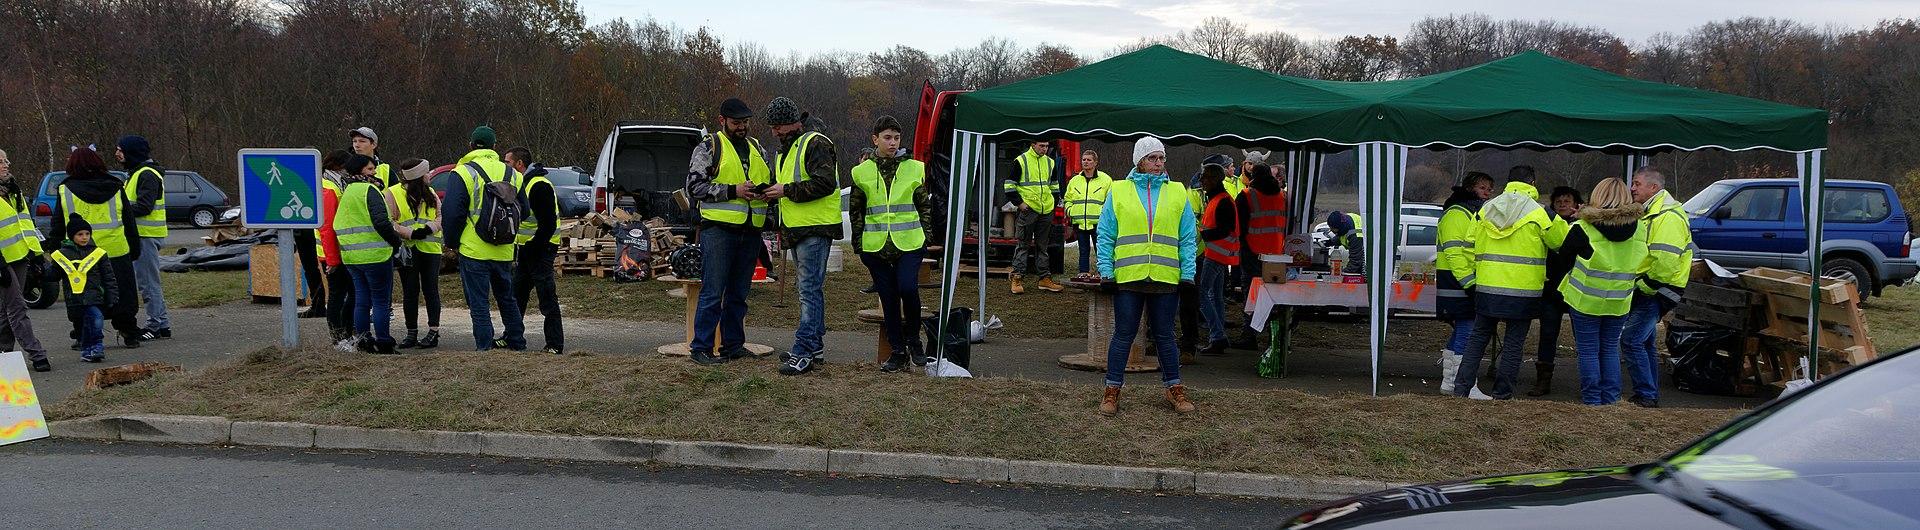 Gilets jaunes installés sur un carrefour à Menoncourt (Territoire de Belfort) le 25 novembre. Source : Thomas Bresson — Travail personnel (CC BY 4.0)